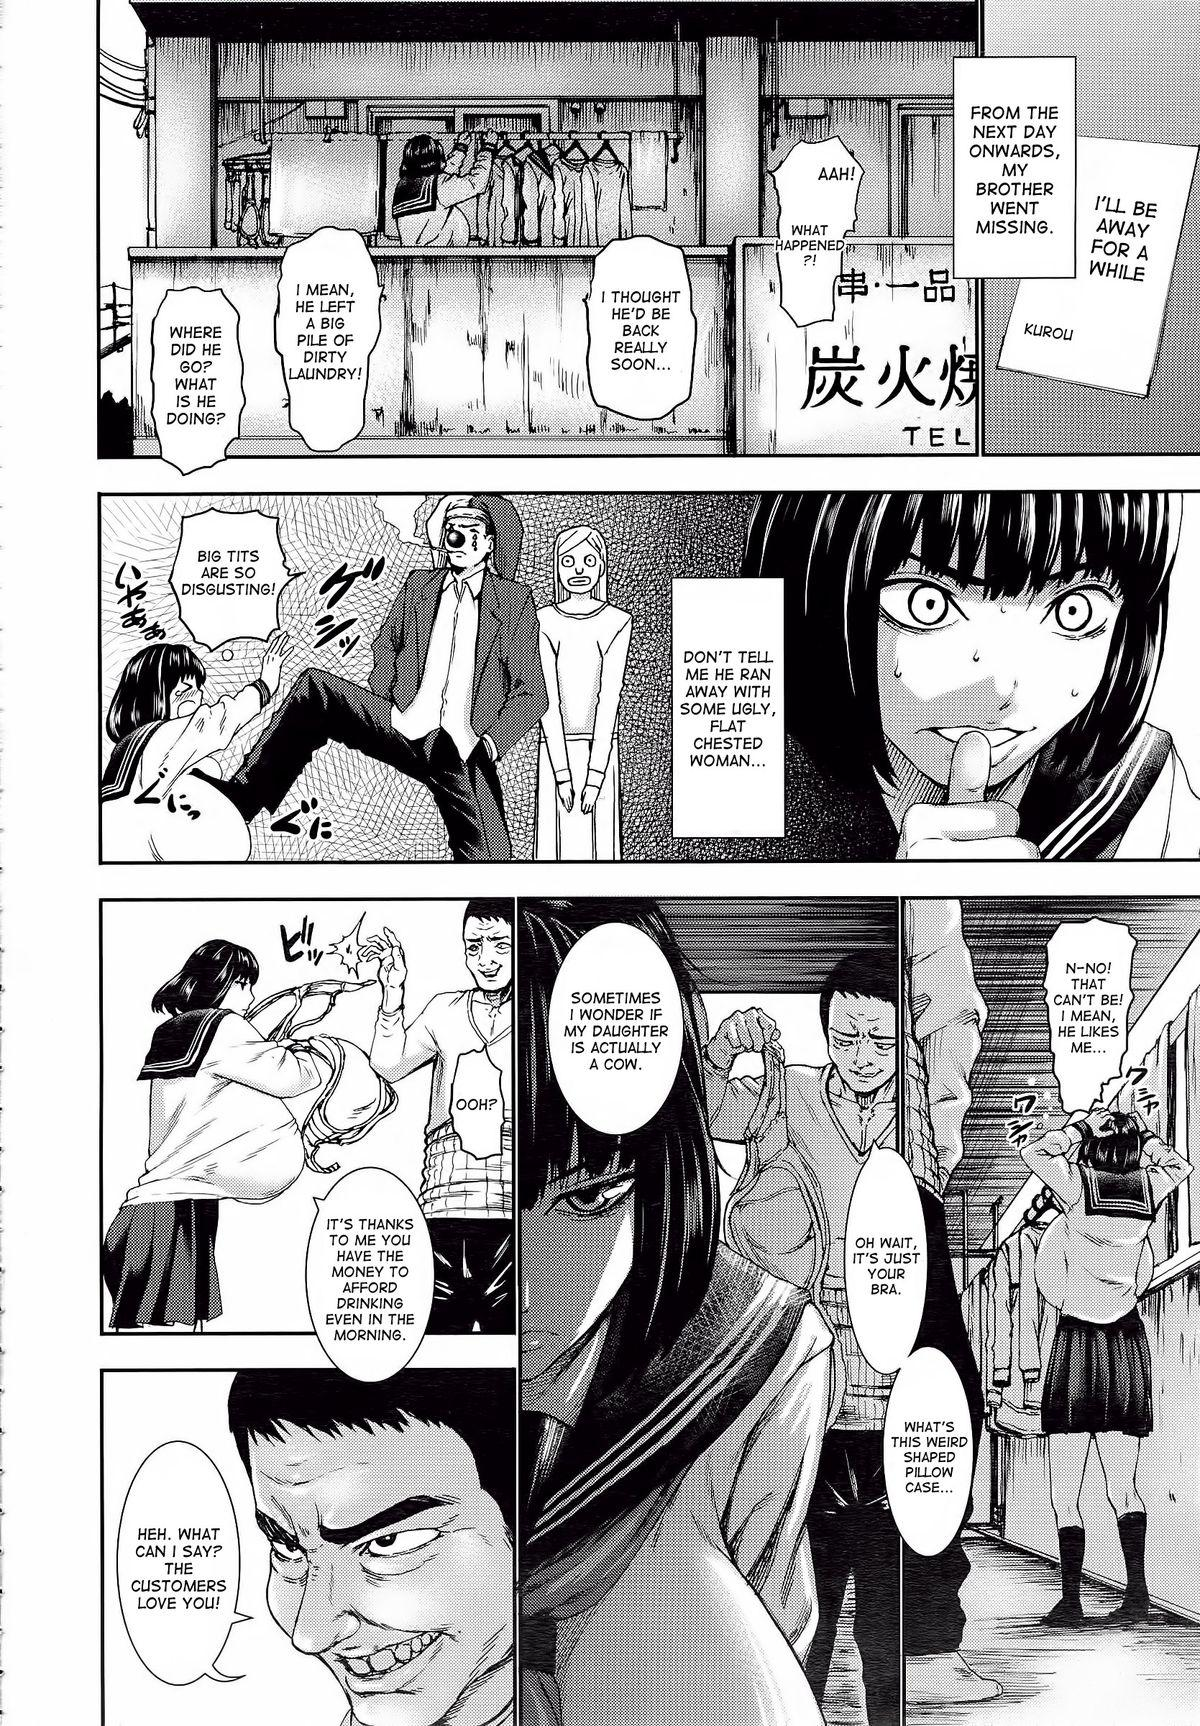 [PIero] Kuroyuki ~Inniku Sakunyuu Jigoku~ Kouhen | Black Snow ~The Depraved Cow-milking Hell~ part 2 (ANGEL Club 2015-05) [English] [desudesu] 5